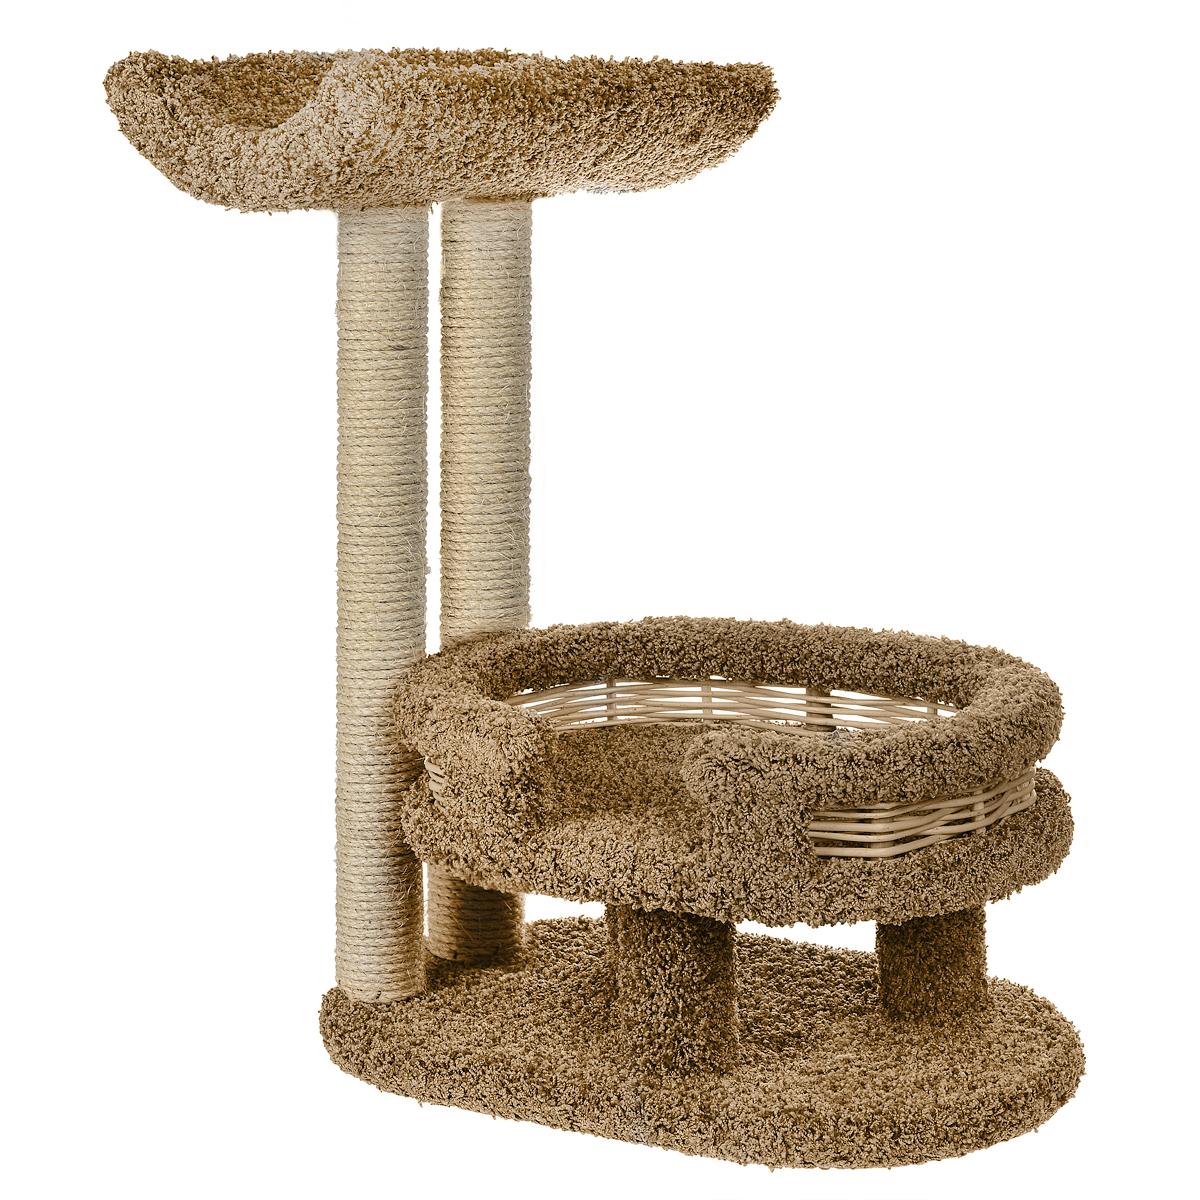 Когтеточка Лежанка с седлом, цвет: бежевый, 45 см х 60 см х 80 смП300446Когтеточка Лежанка с седлом отлично подойдет для котят и взрослых кошек средних размеров. Когтеточка станет не только идеальным местом для подвижных игр вашего любимца, но и местом для отдыха. Благодаря столбикам - когтеточкам, обернутым веревками из сизаля, ваша кошка удовлетворит природную потребность точить когти, что поможет сохранить вашу мебель и ковры. Для приучения любимца к когтеточке можно натереть ее сухой валерьянкой или кошачьей мятой. Оригинальный дизайнлежанки с плетеными бортиками позволит гармонично вписаться когтеточке в интерьер вашей квартиры.